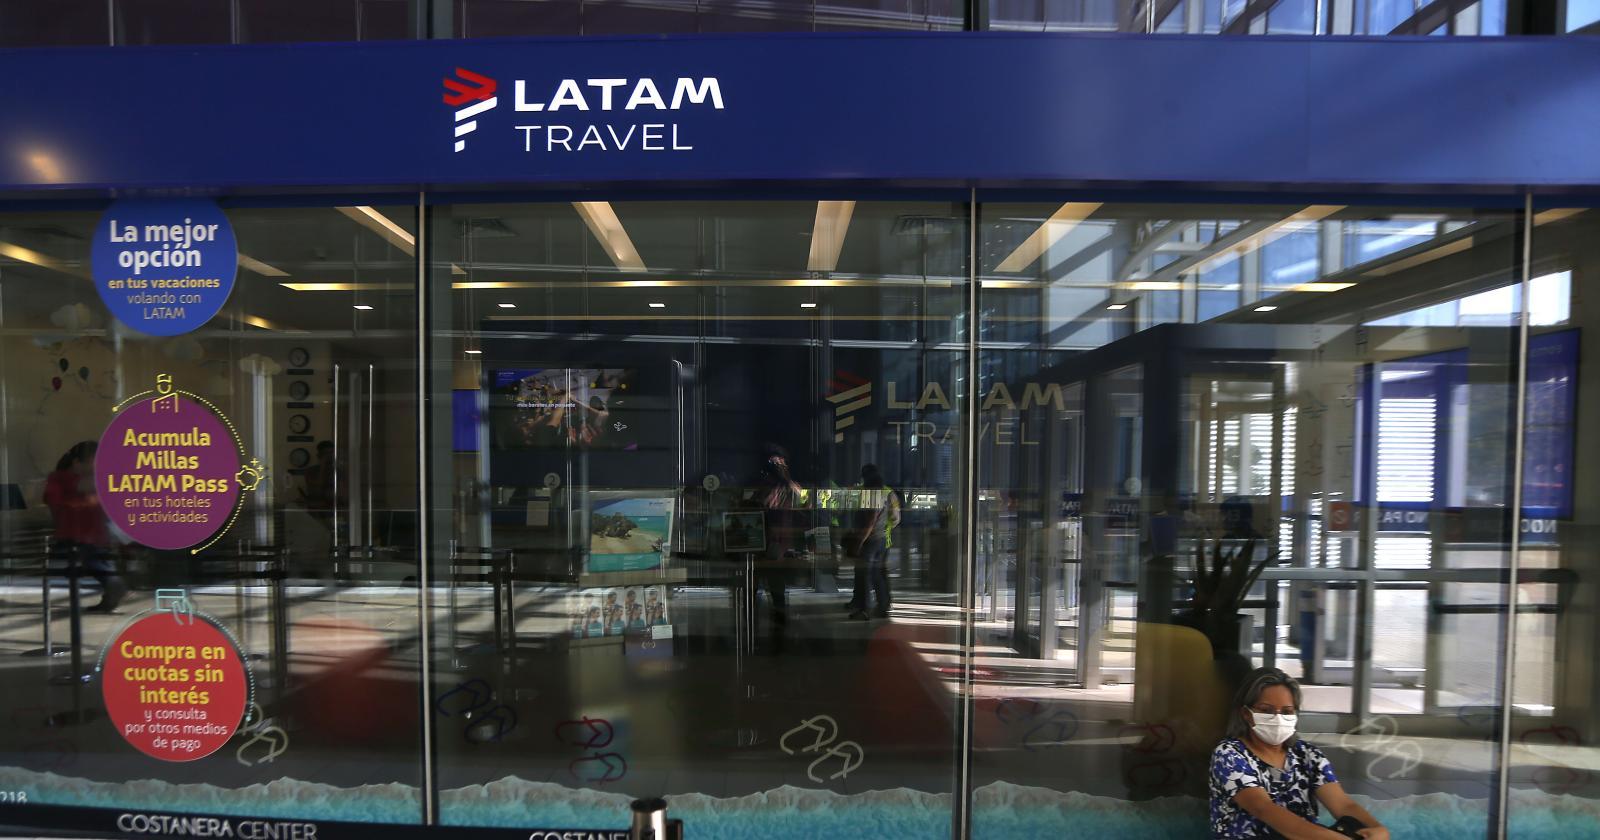 Latam realiza vuelos especiales a Rapa Nui: llevan insumos y trasladan a pasajeros varados